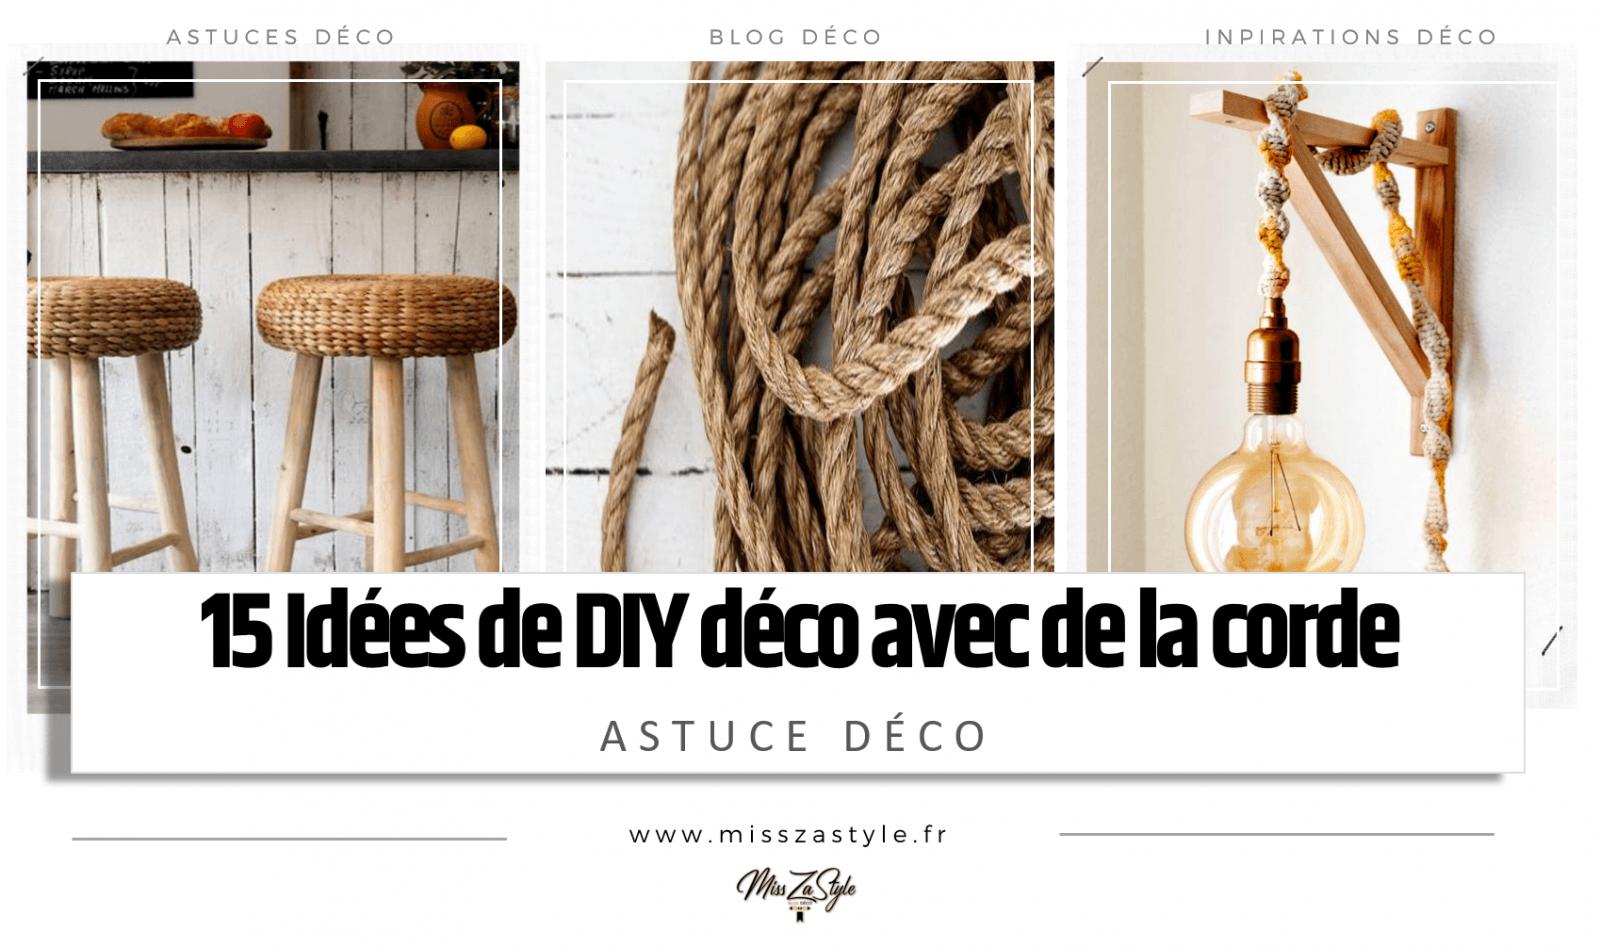 19 idées DIY déco avec de la corde- MissZaStyle - Blog Déco